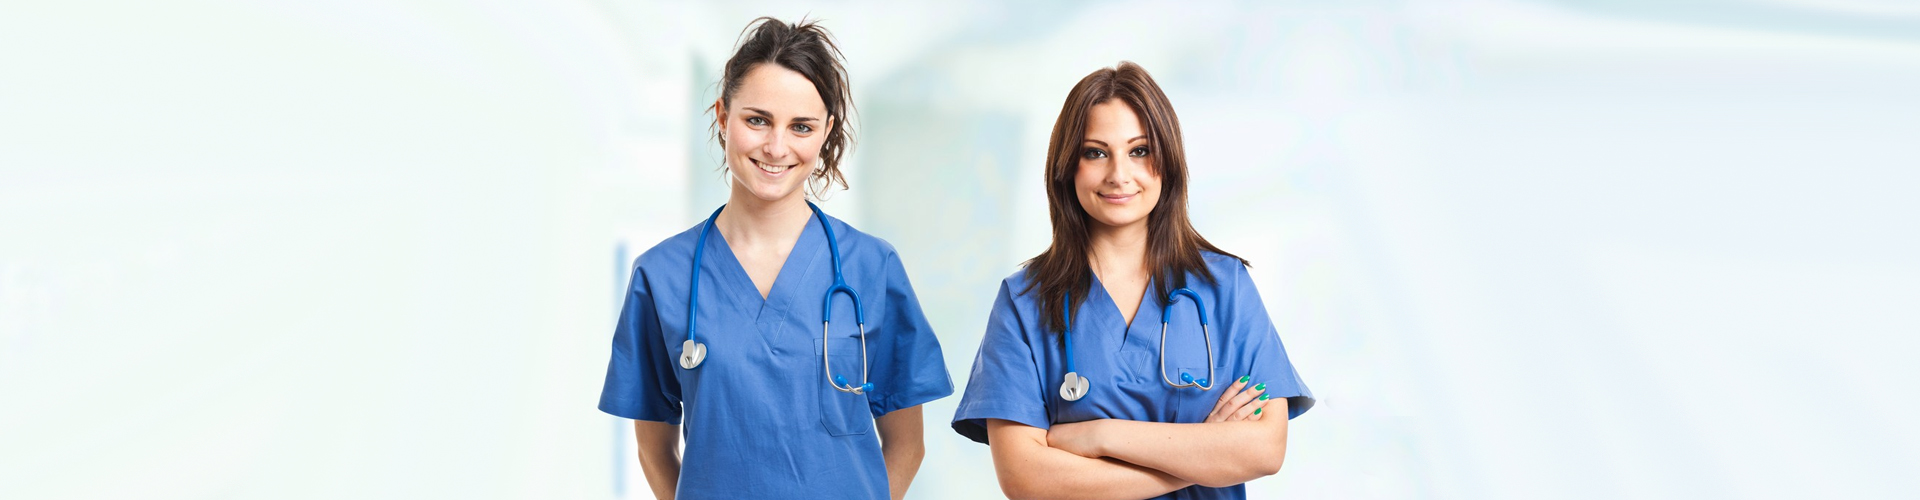 two nurses smiling